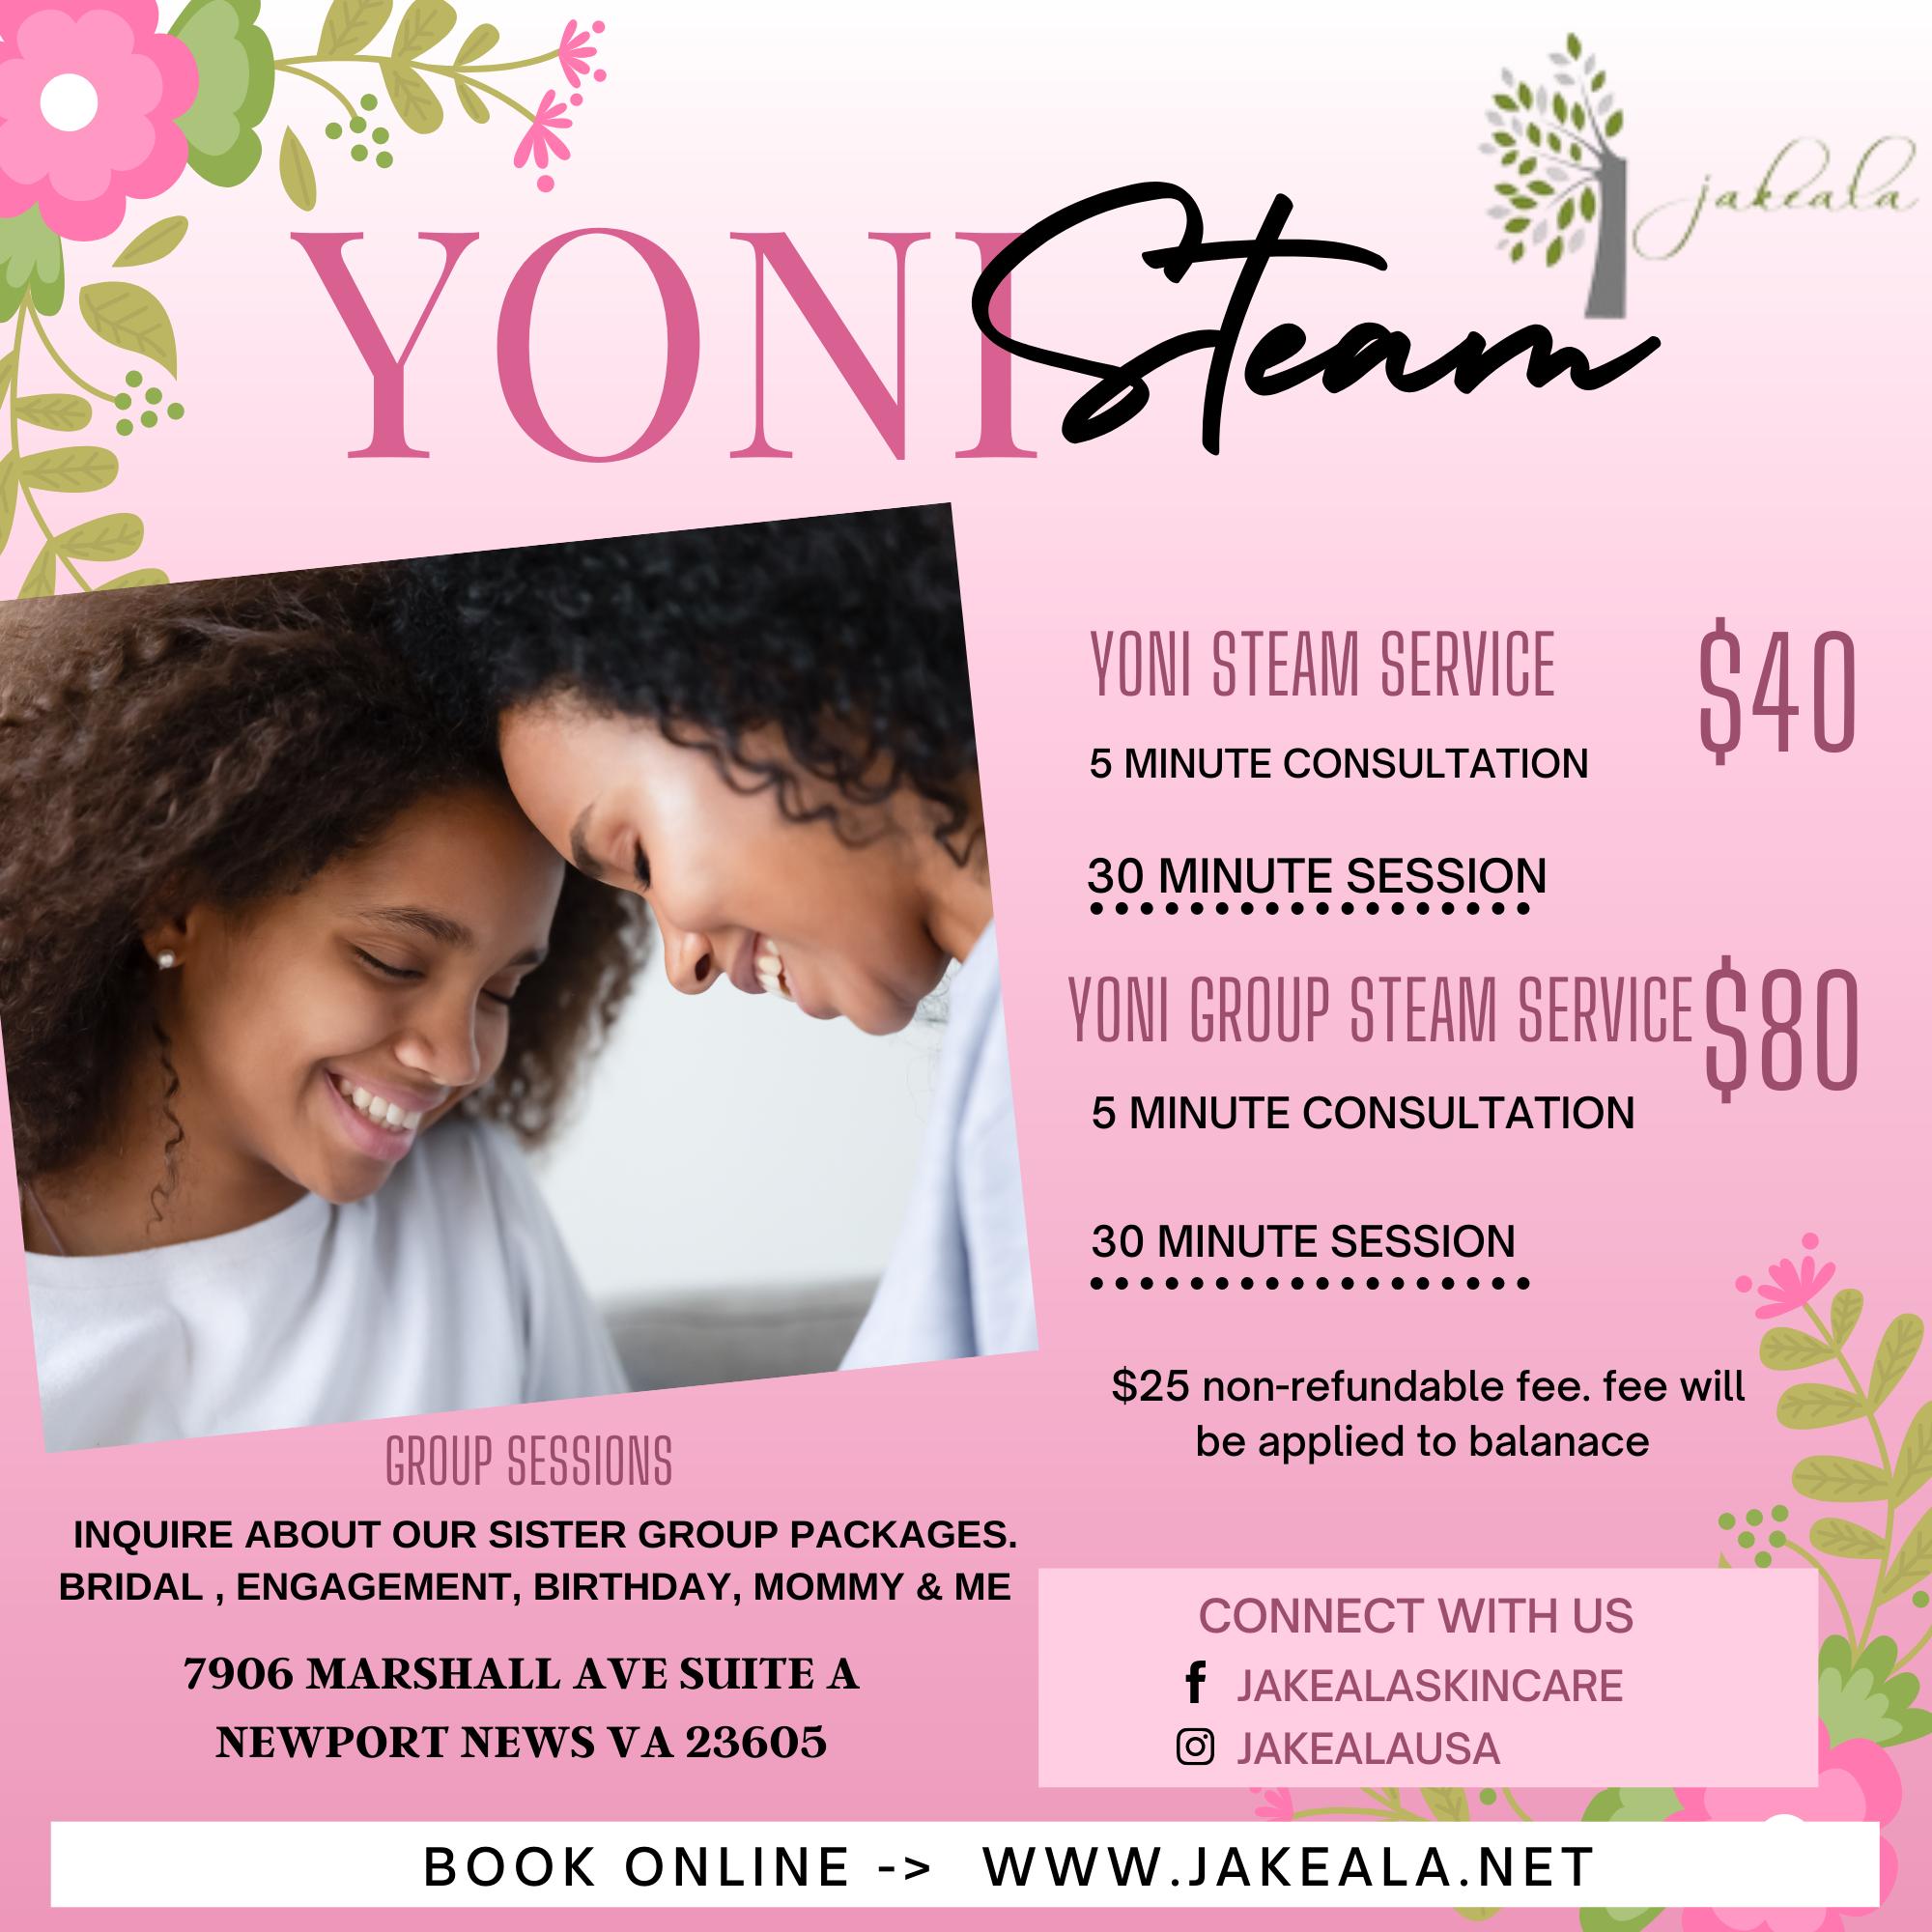 copy-of-yoni-steam-menu-flyer-2-.png